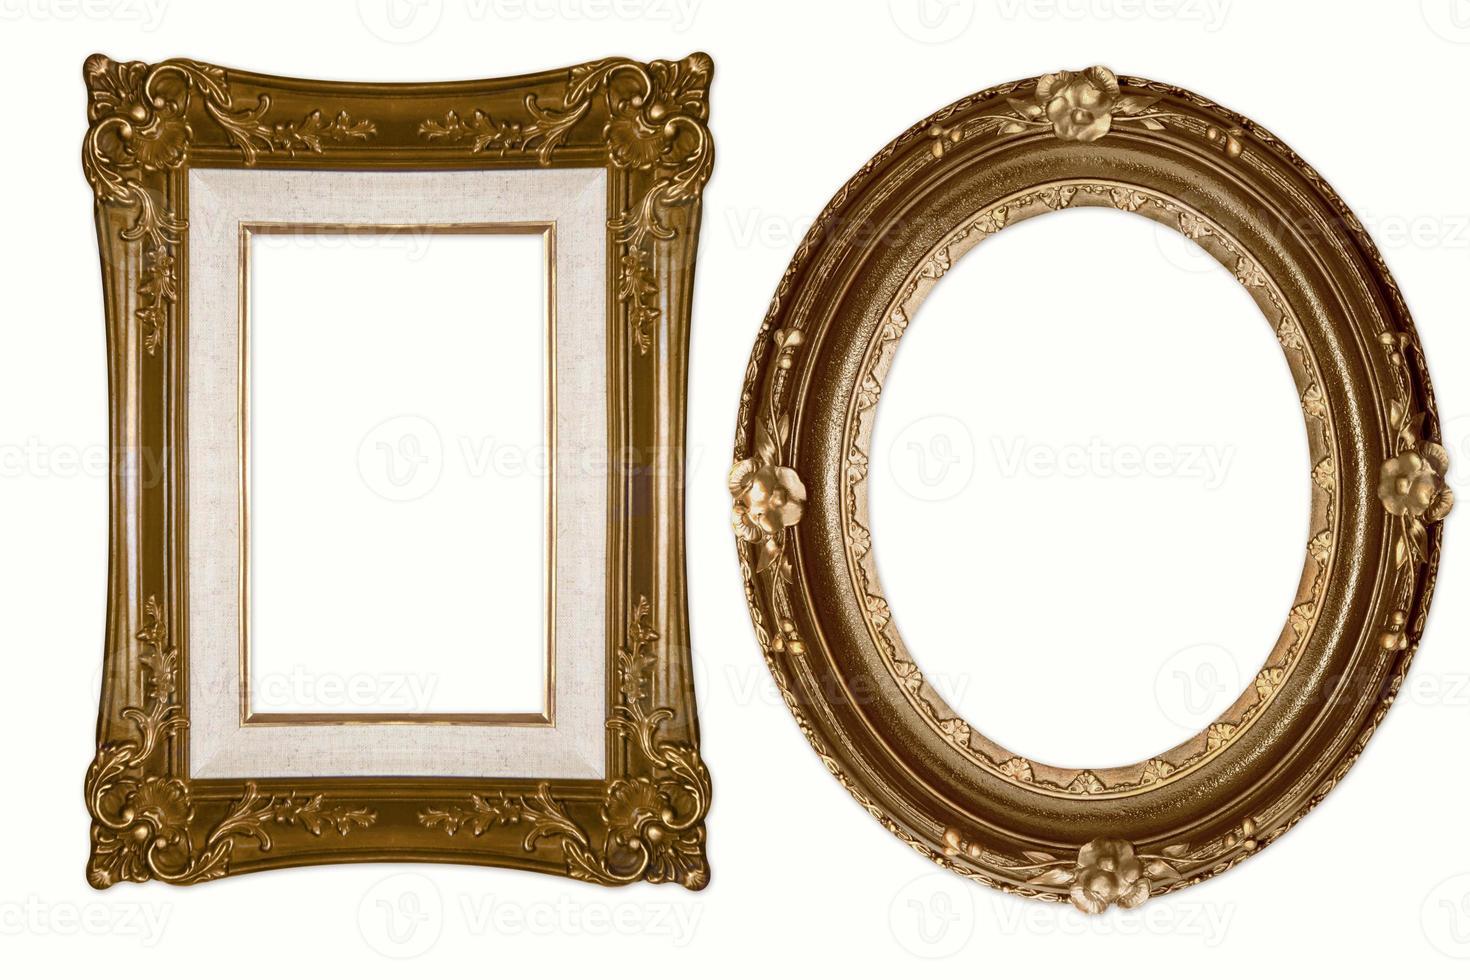 ovala och rektangulära dekorativa gyllene ramar foto